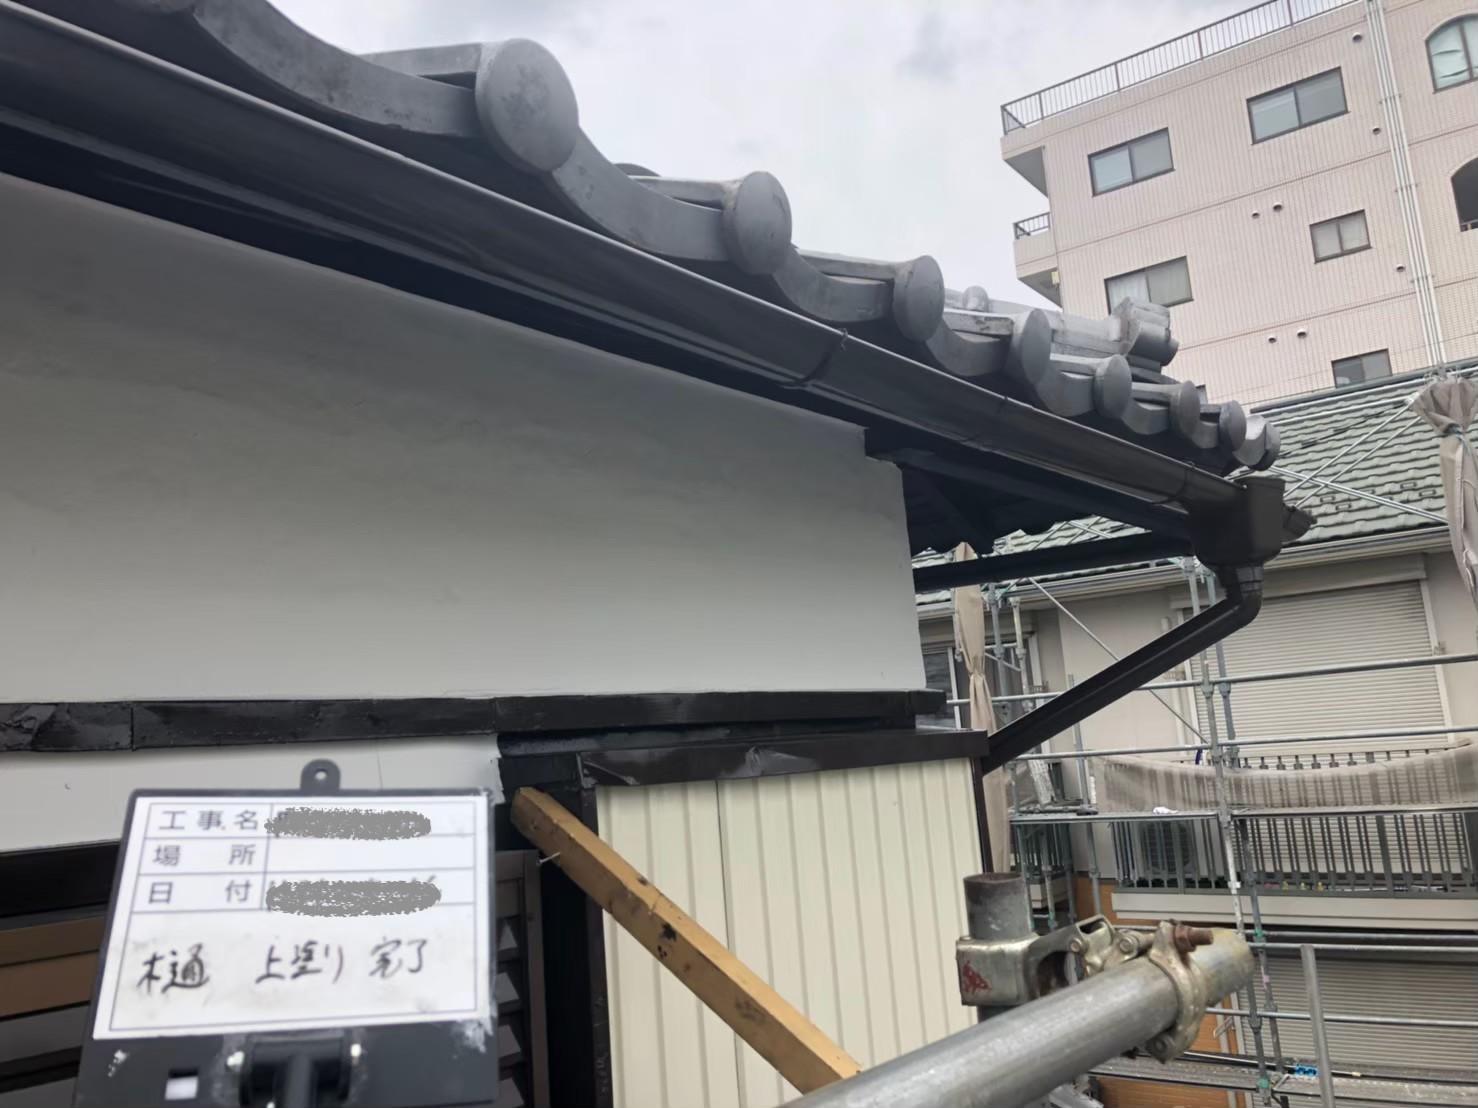 神奈川県相模原市で雨樋塗装リフォーム9